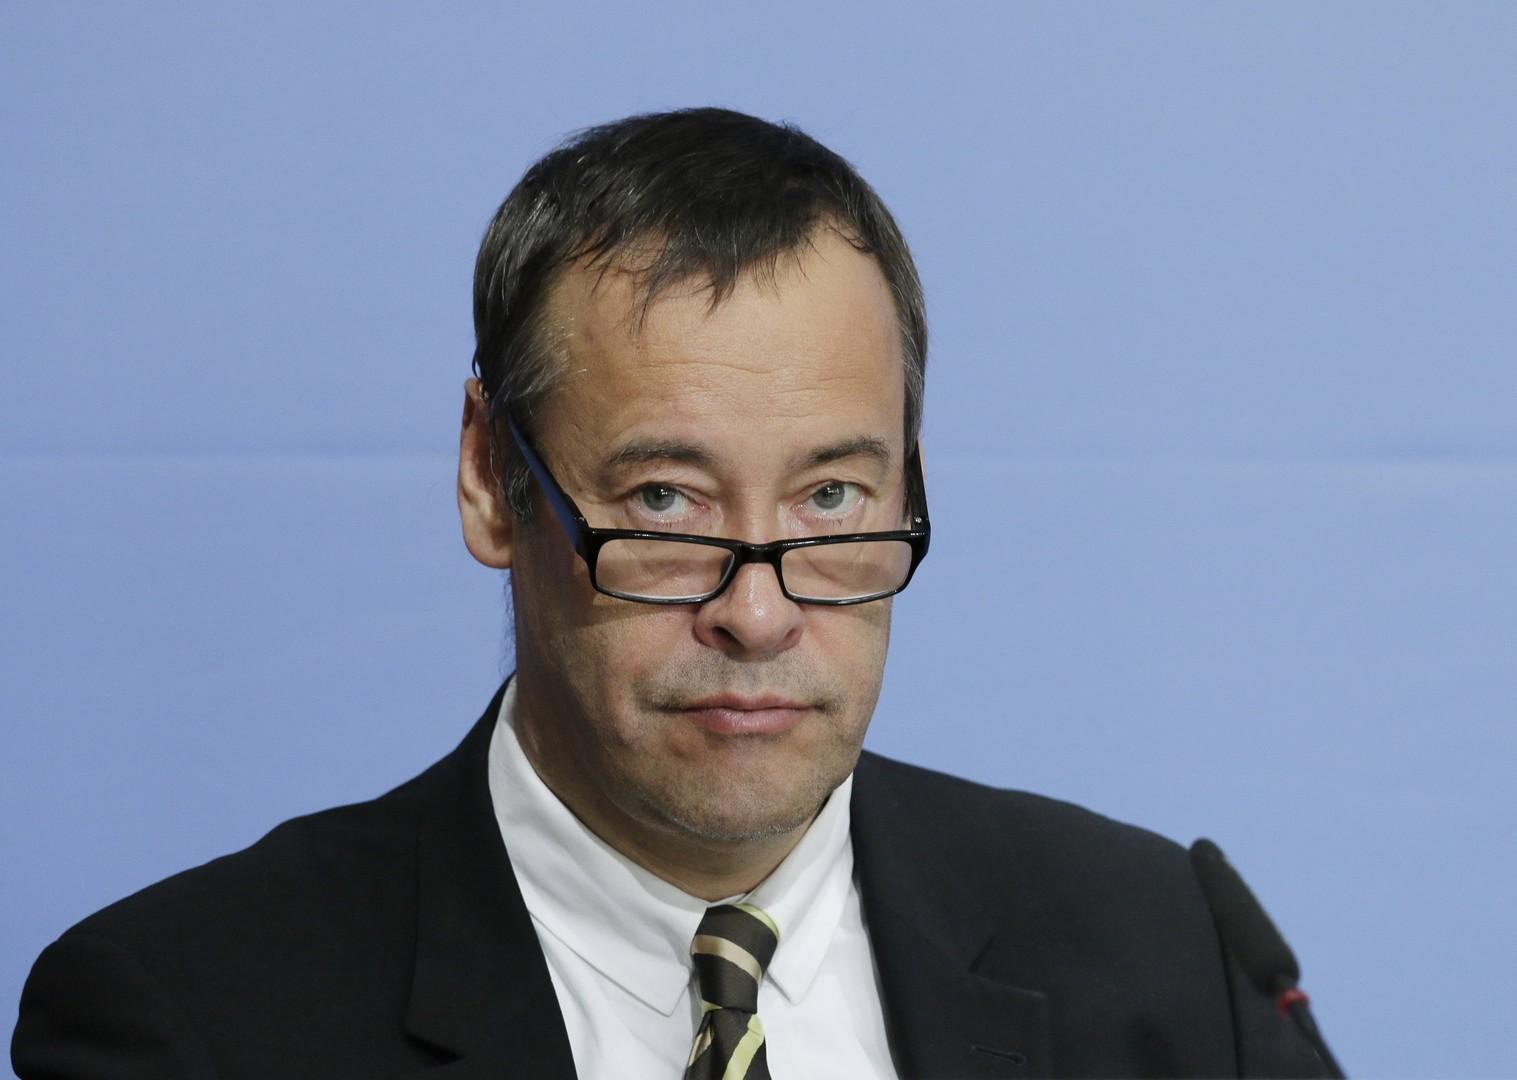 """bpb-Chef Krüger: Ossis erleben Dominanz westdeutscher Eliten als """"kulturellen Kolonialismus"""""""